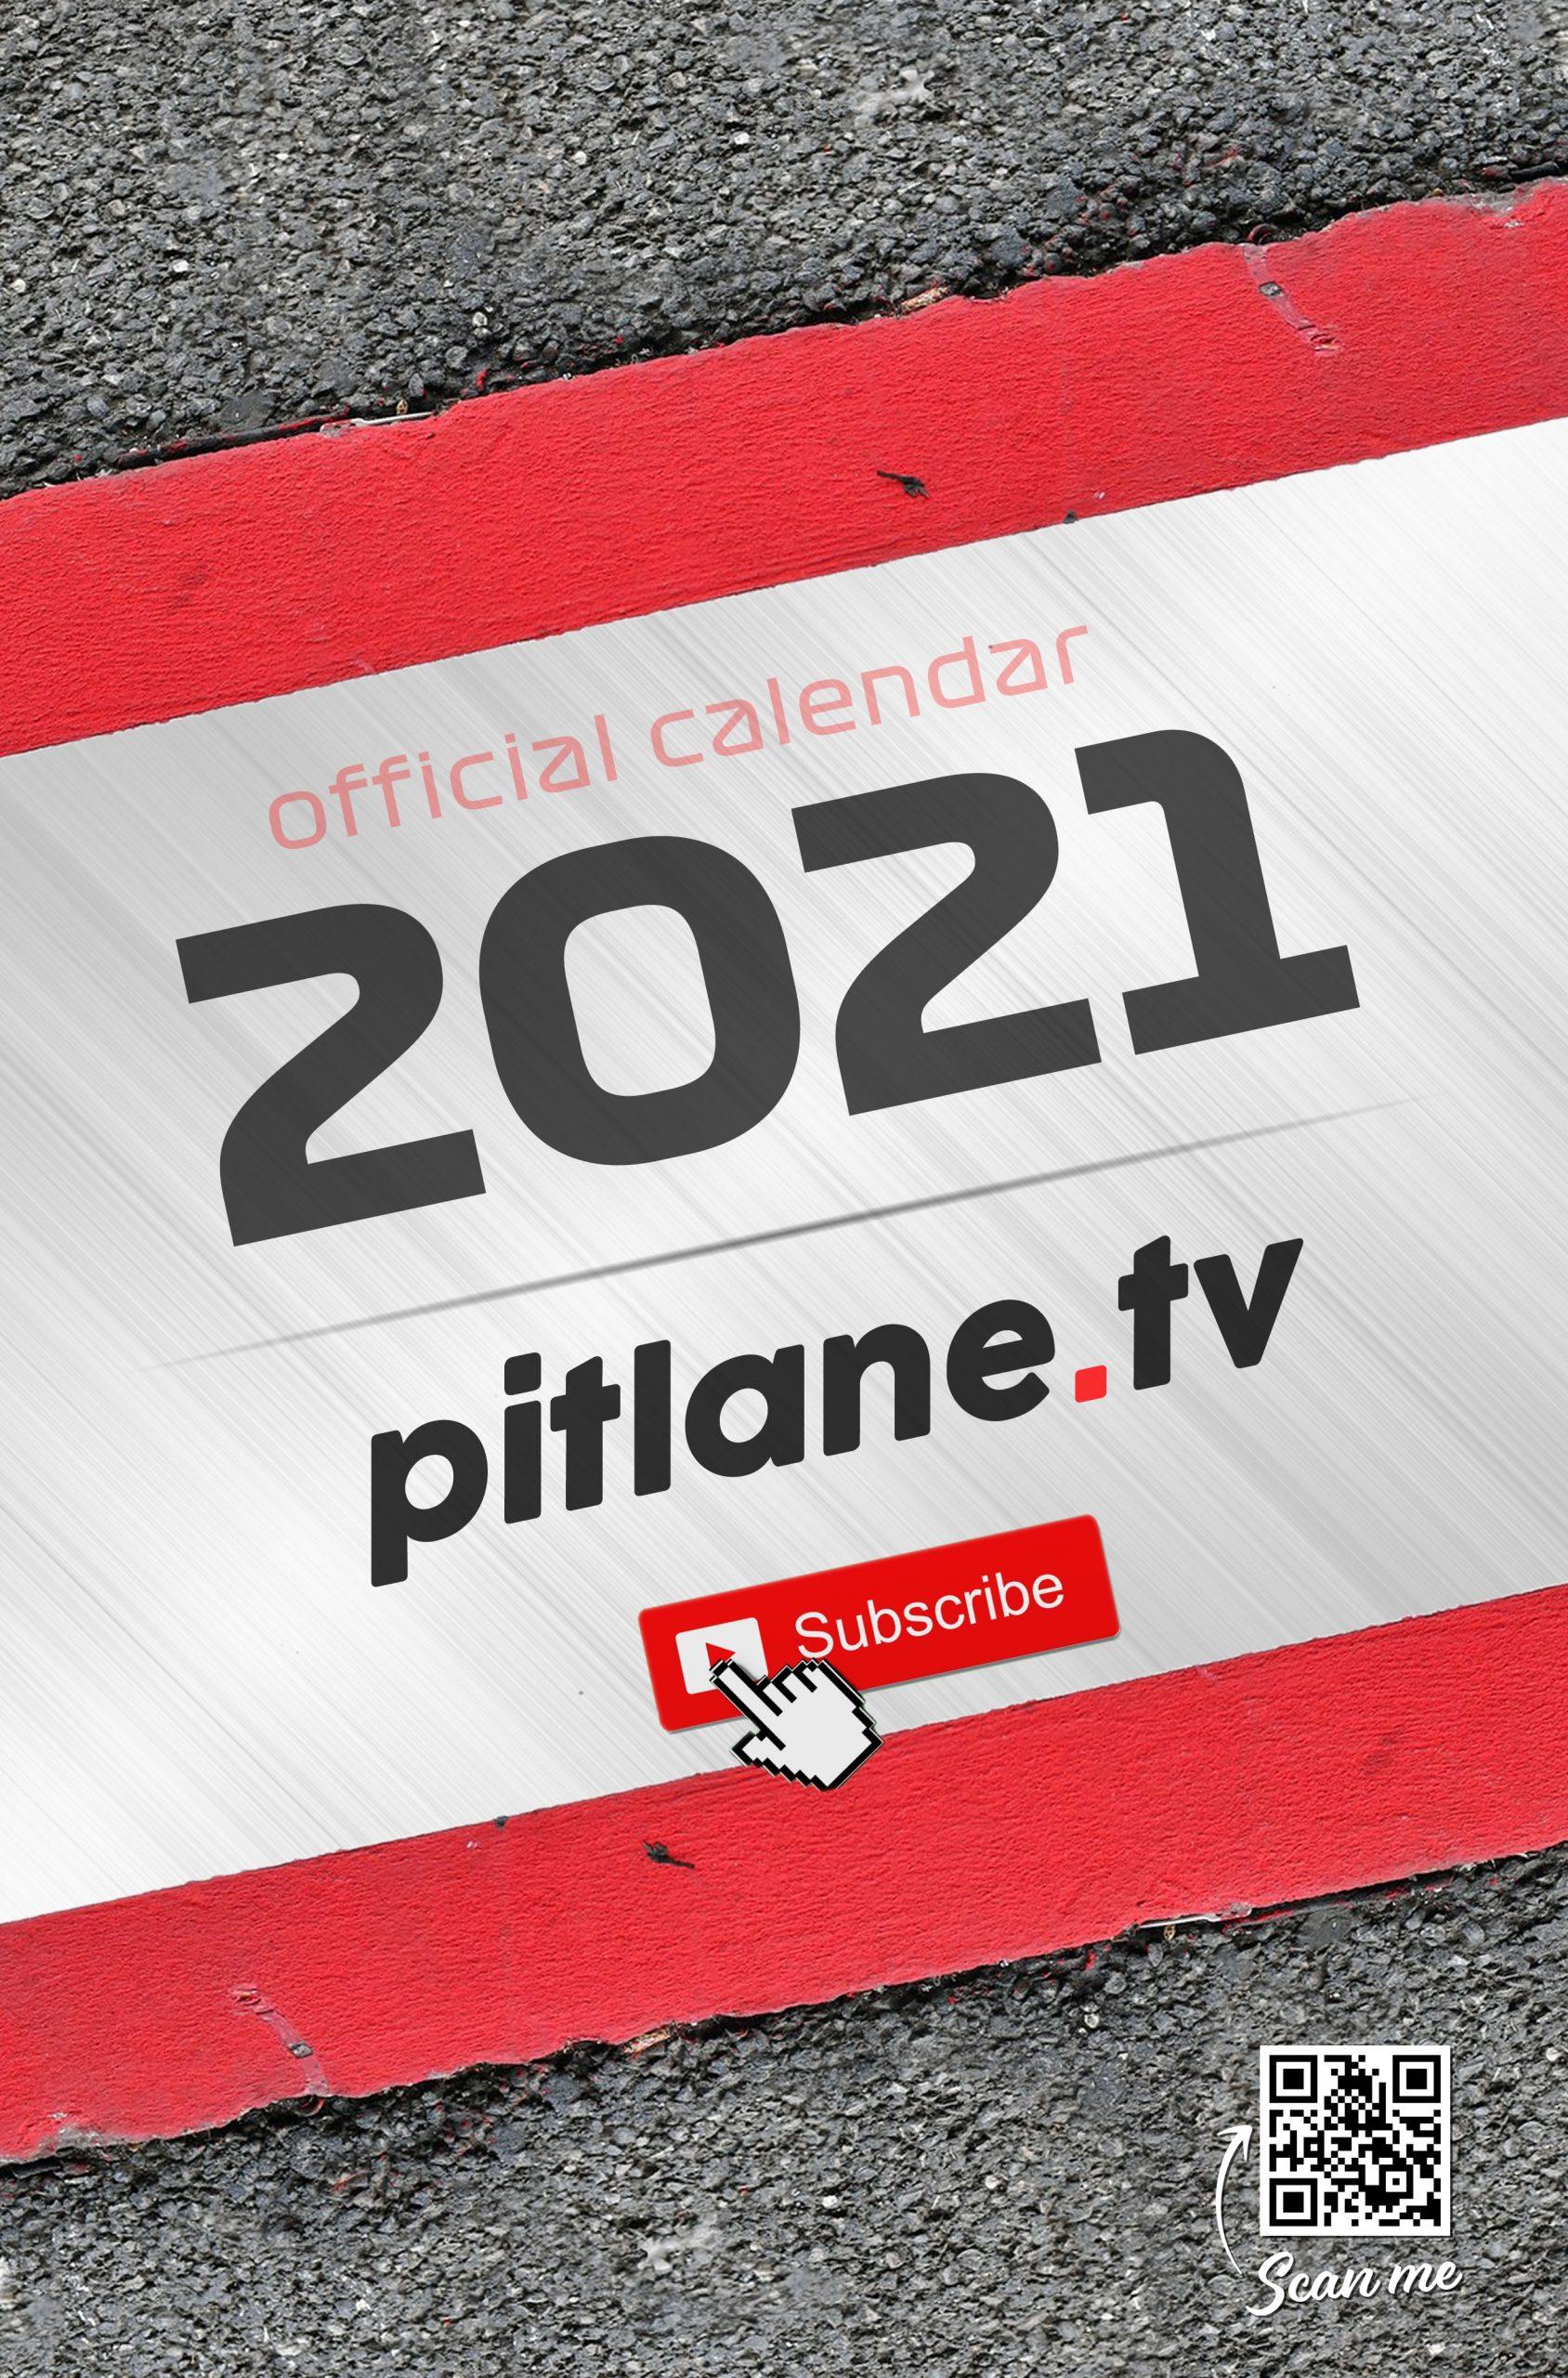 pitlanetv calendar 2021